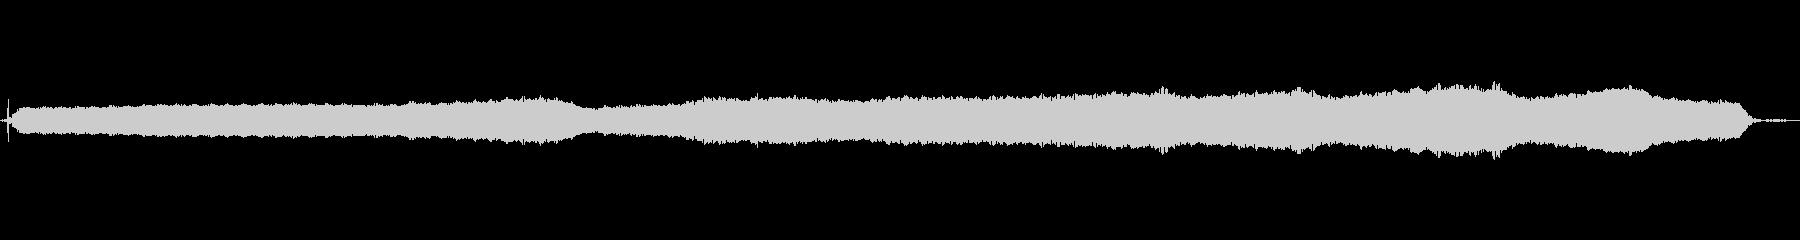 低速で動作するマッサージデバイスの振動の未再生の波形